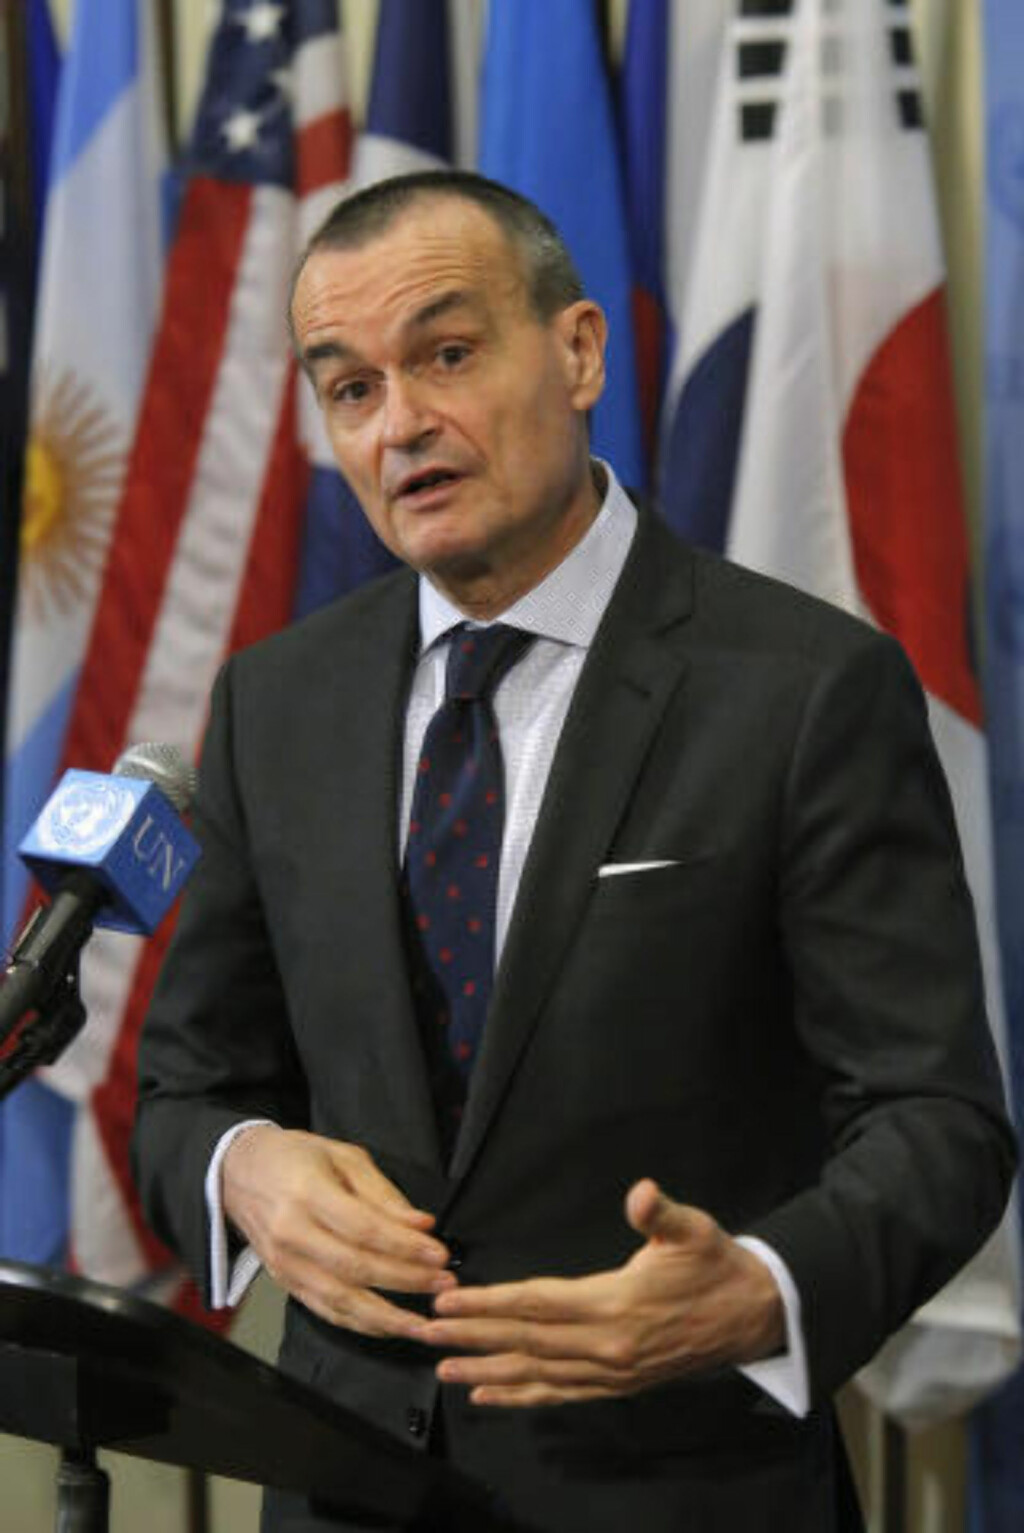 SANKSJONER: - Jeg tror vi er klare til å gå den veien, sier Frankrikes FN-ambassadør Gerard Araud. Foto: Reuters / NTB scanpix